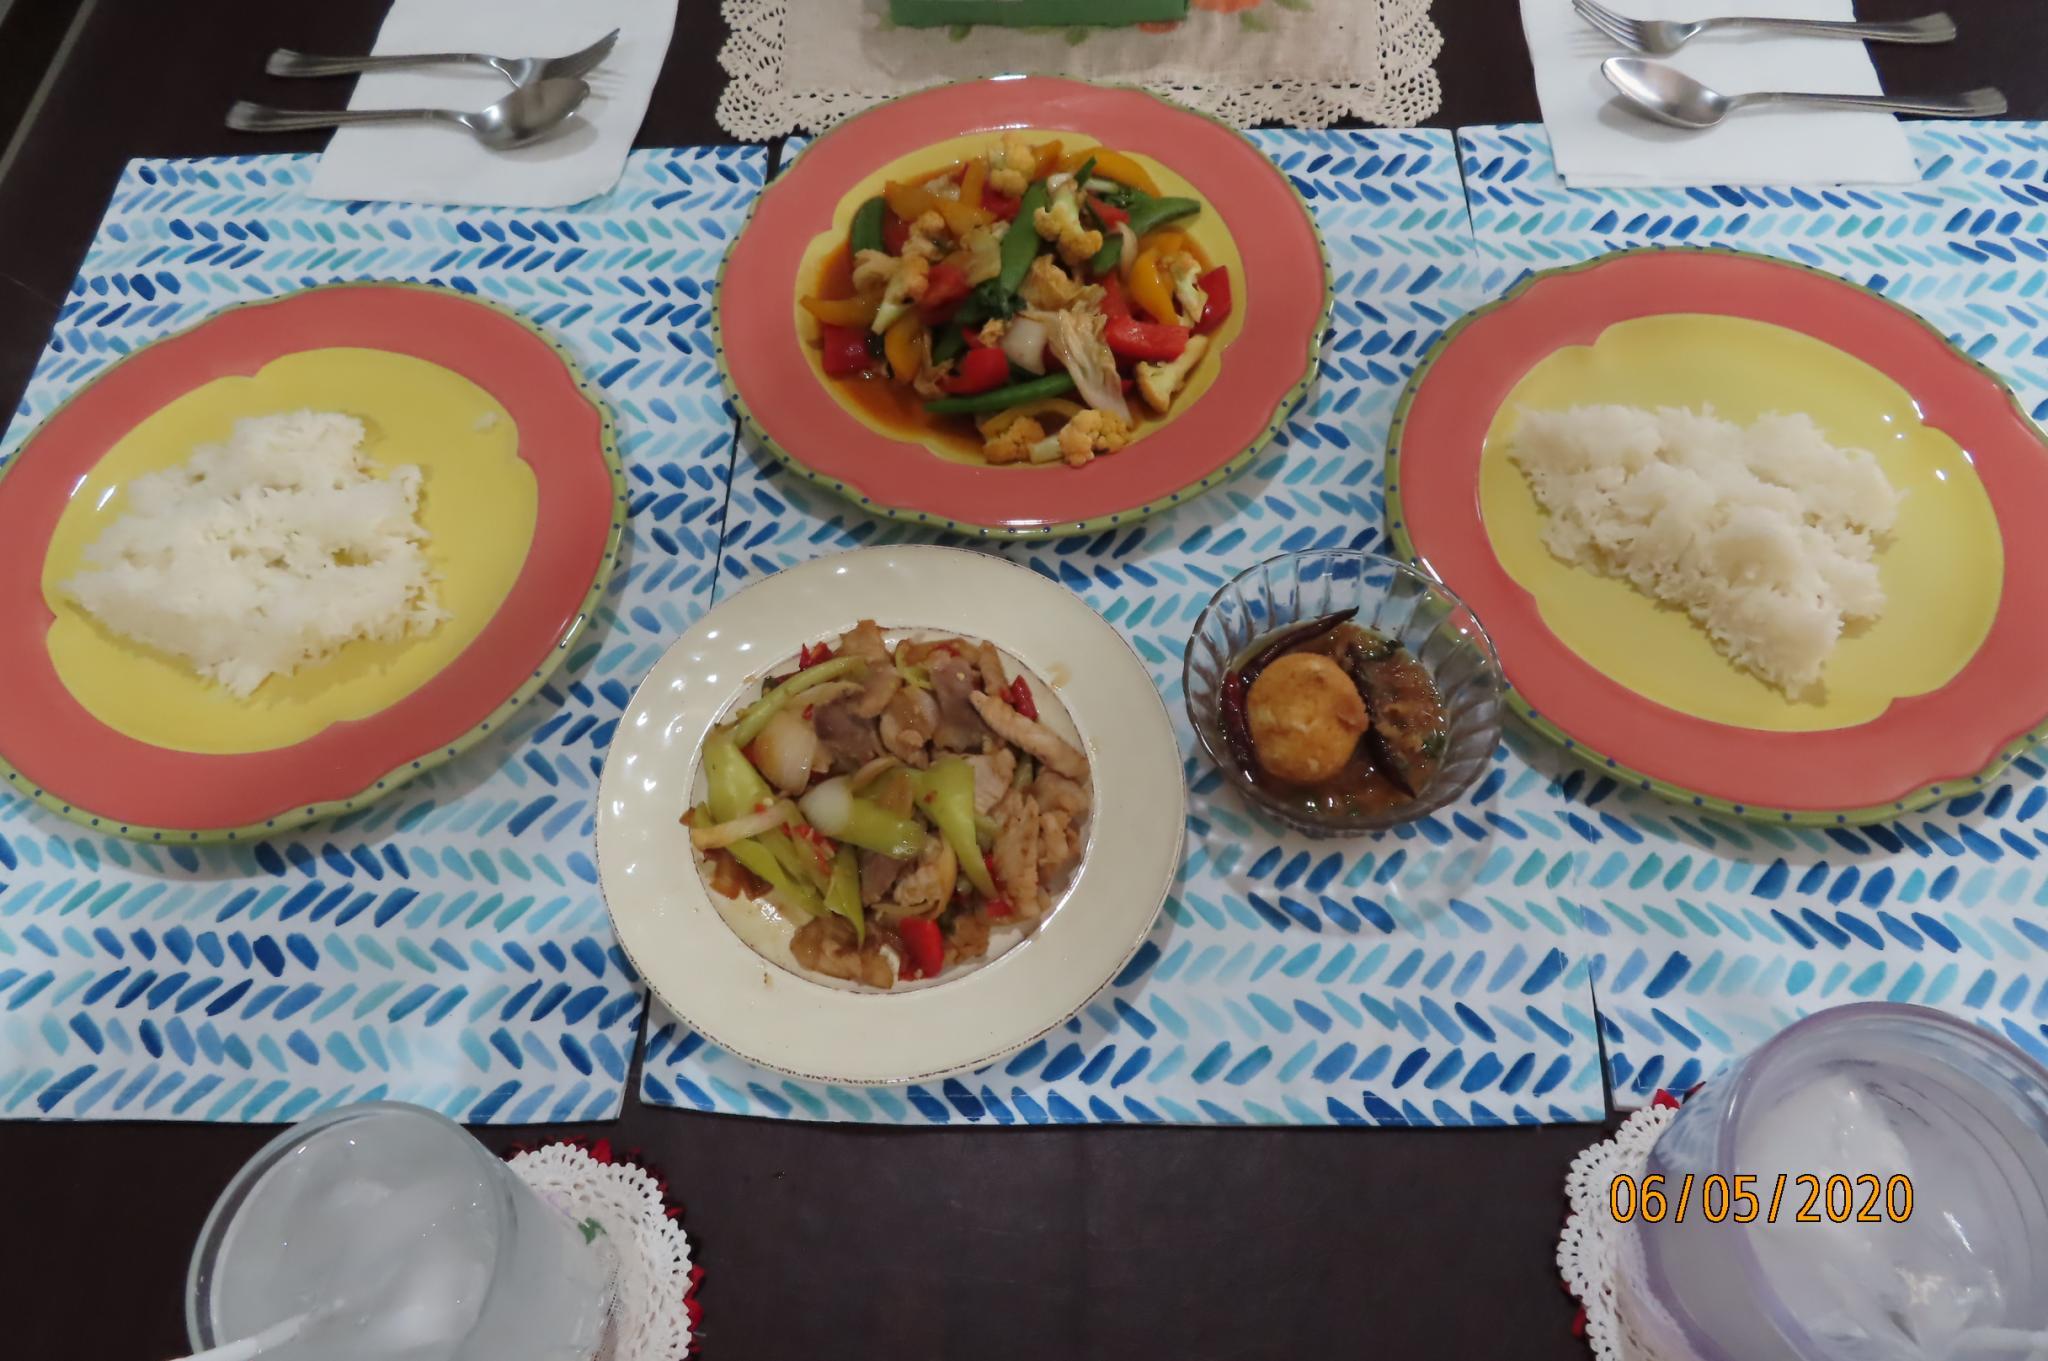 Dinner-img_6172-jpg